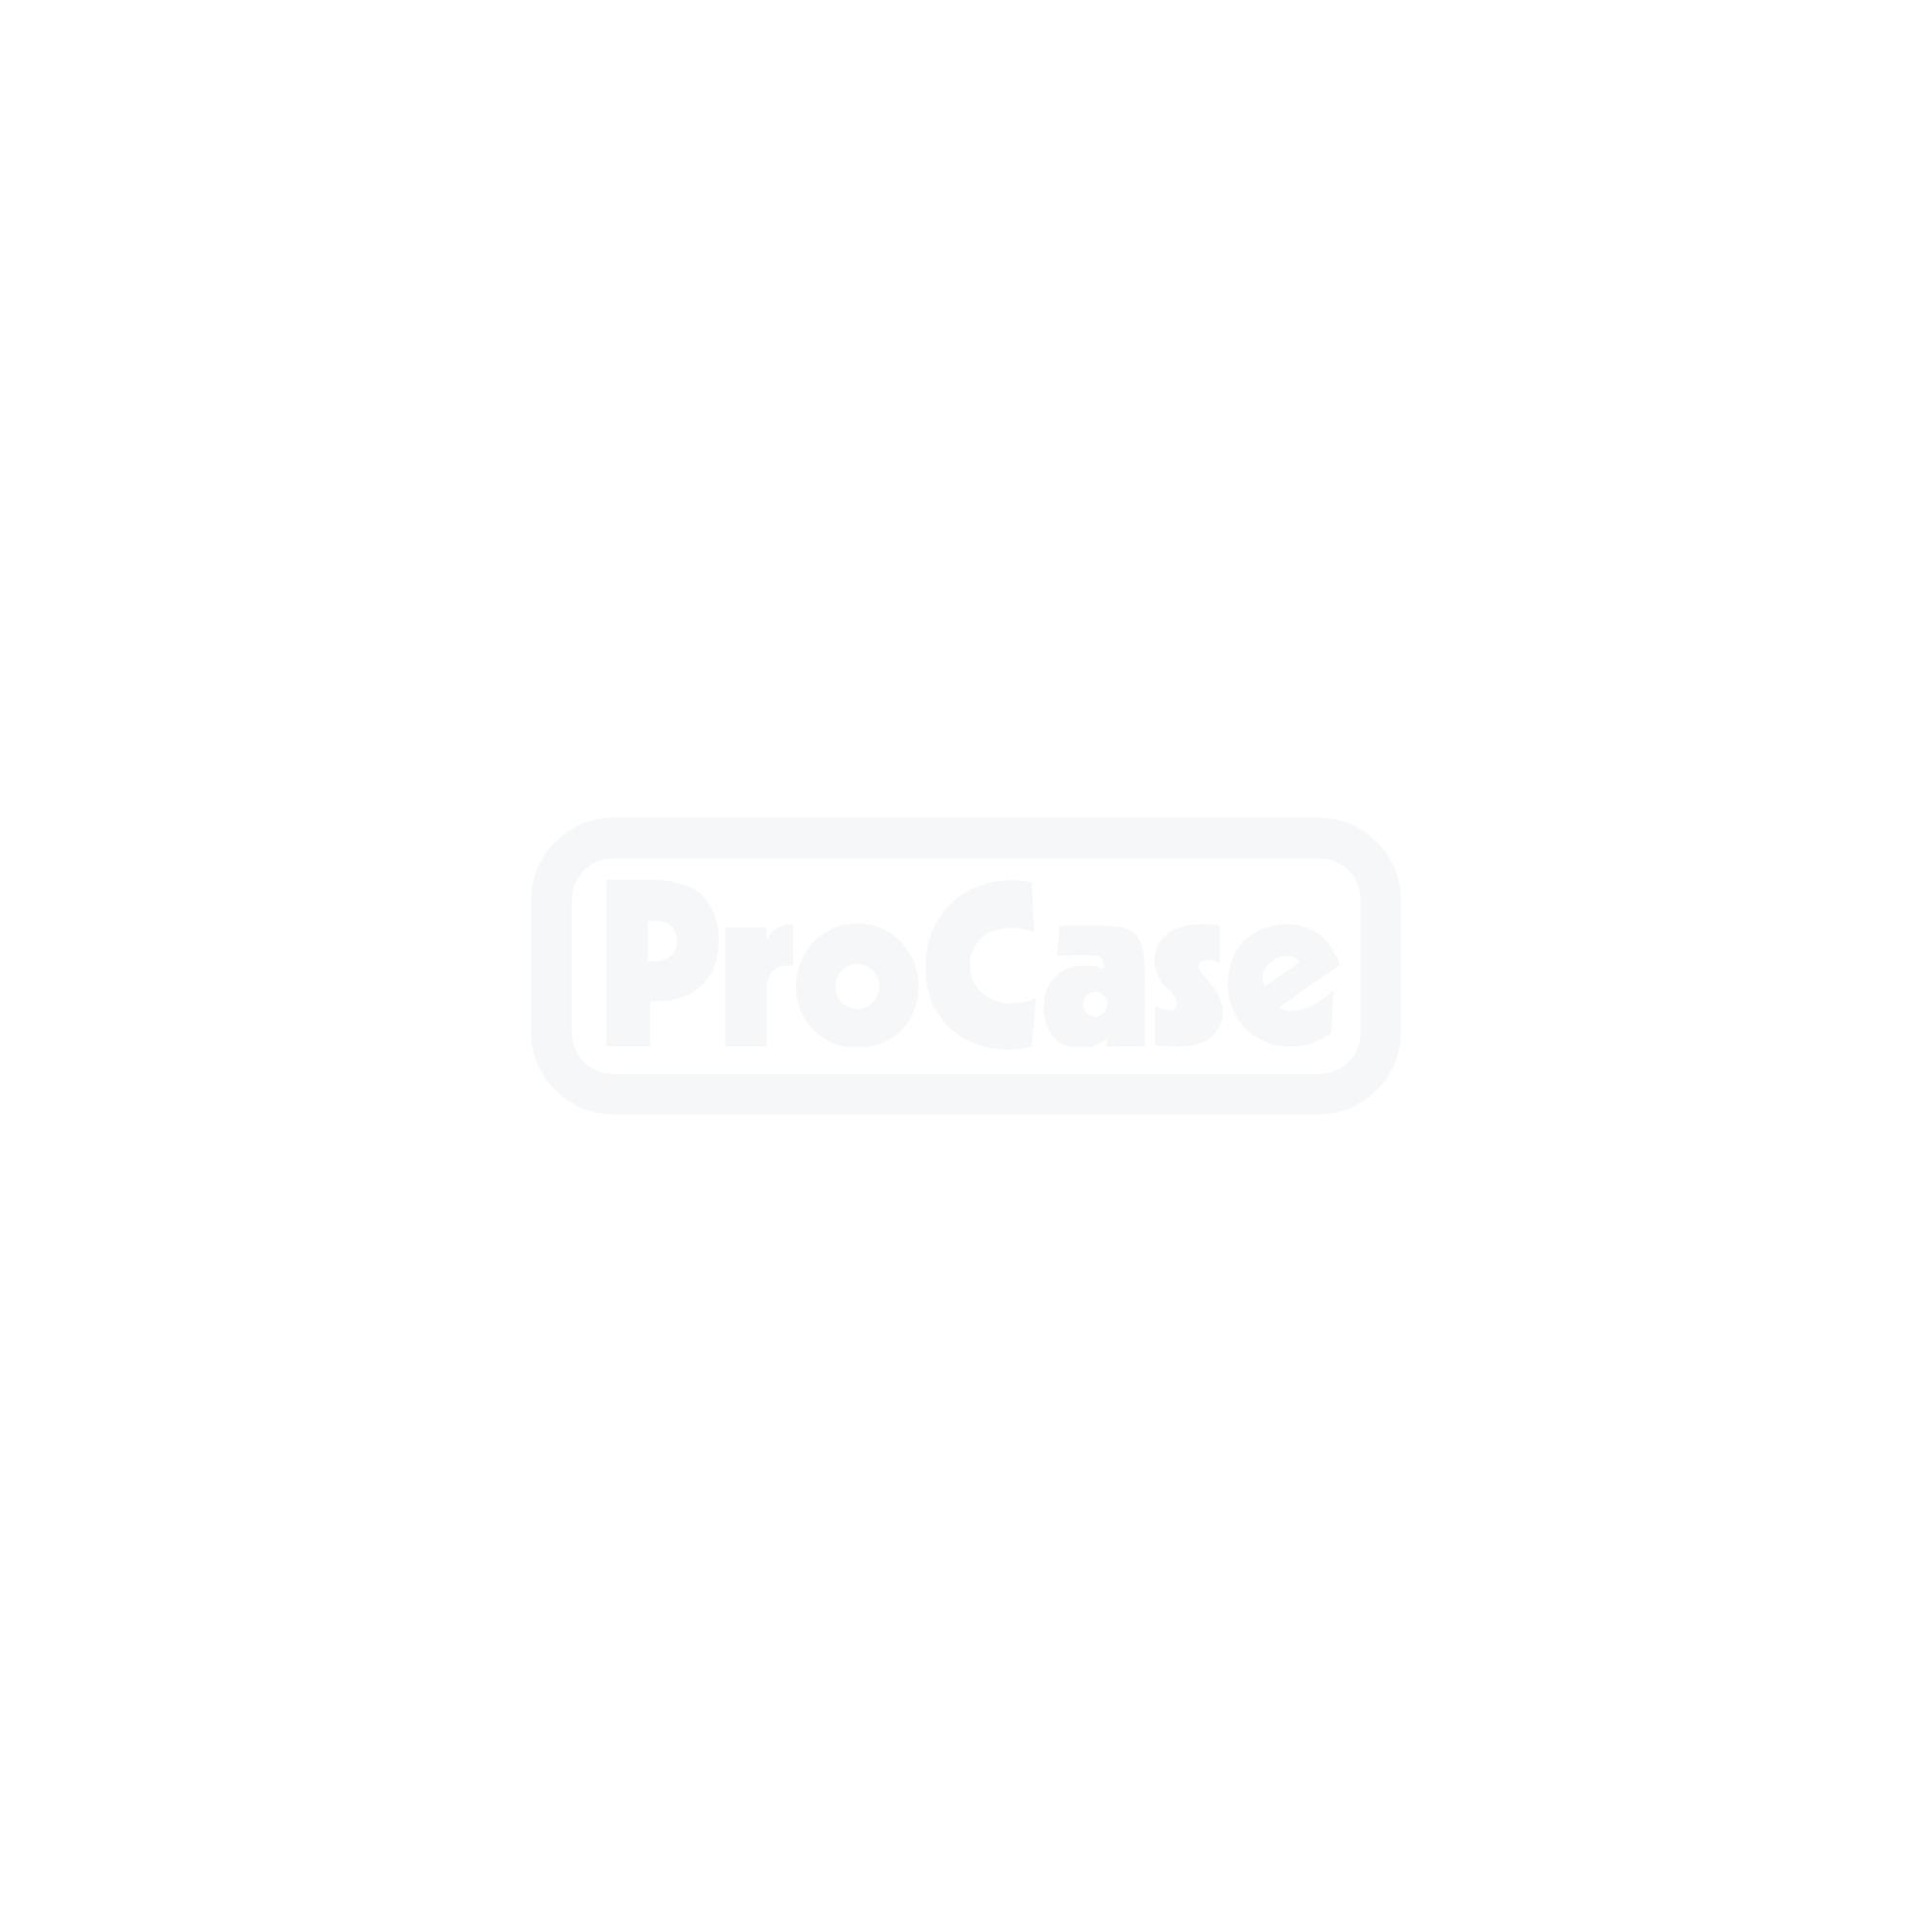 19 Zoll Standard Rack 22HE/10HE Singledoor mit Topdeckel